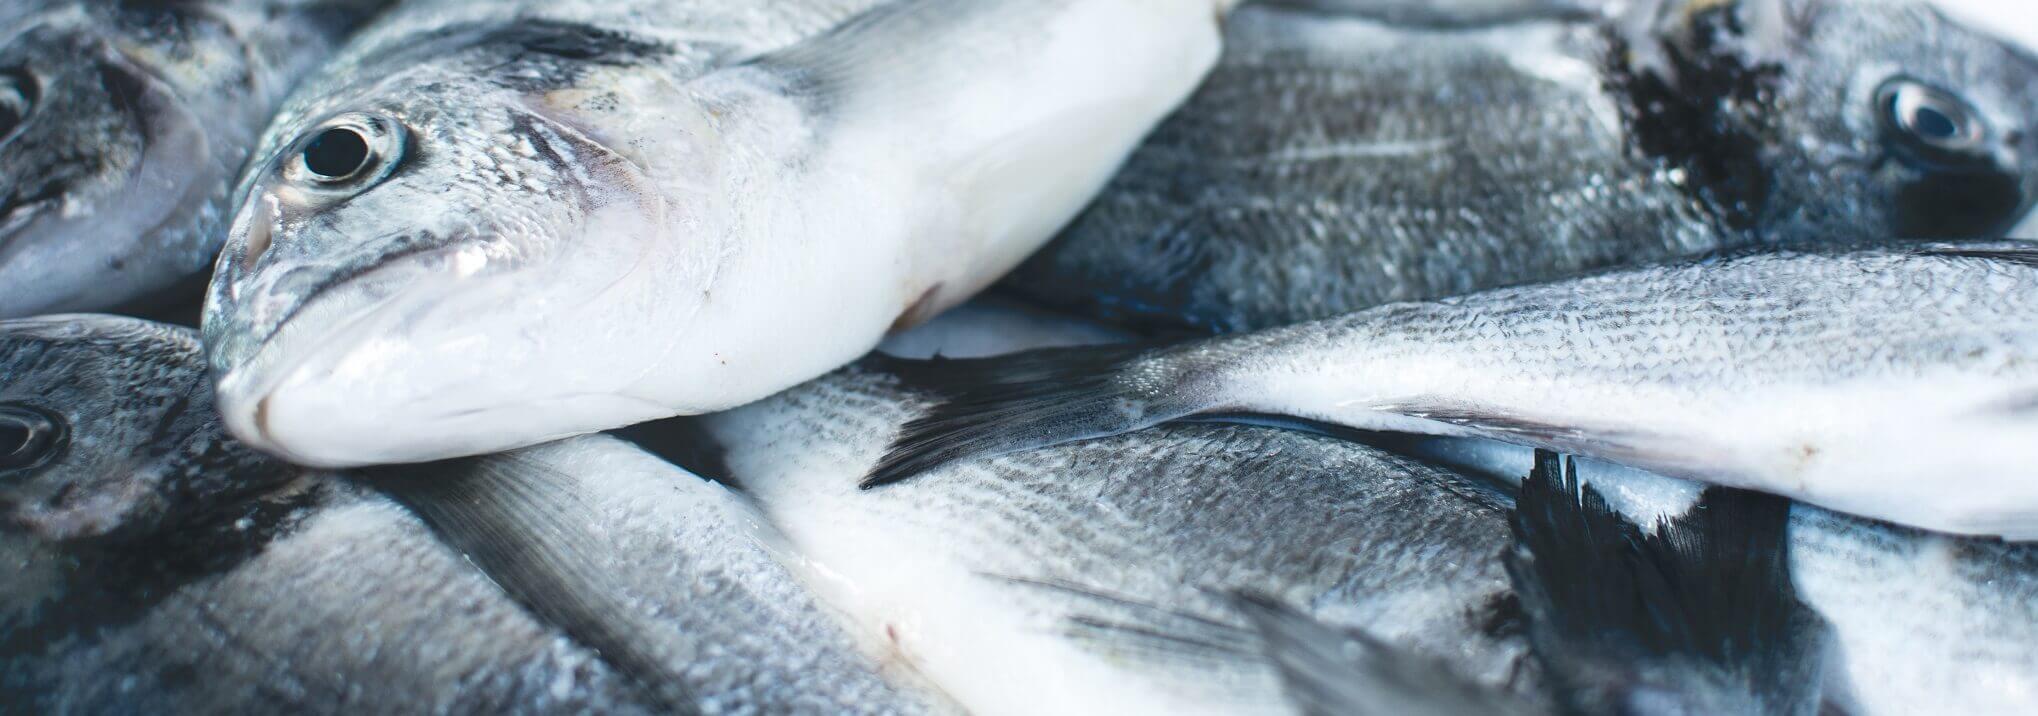 Sustainable Seafood Raja Ampat Indonesia